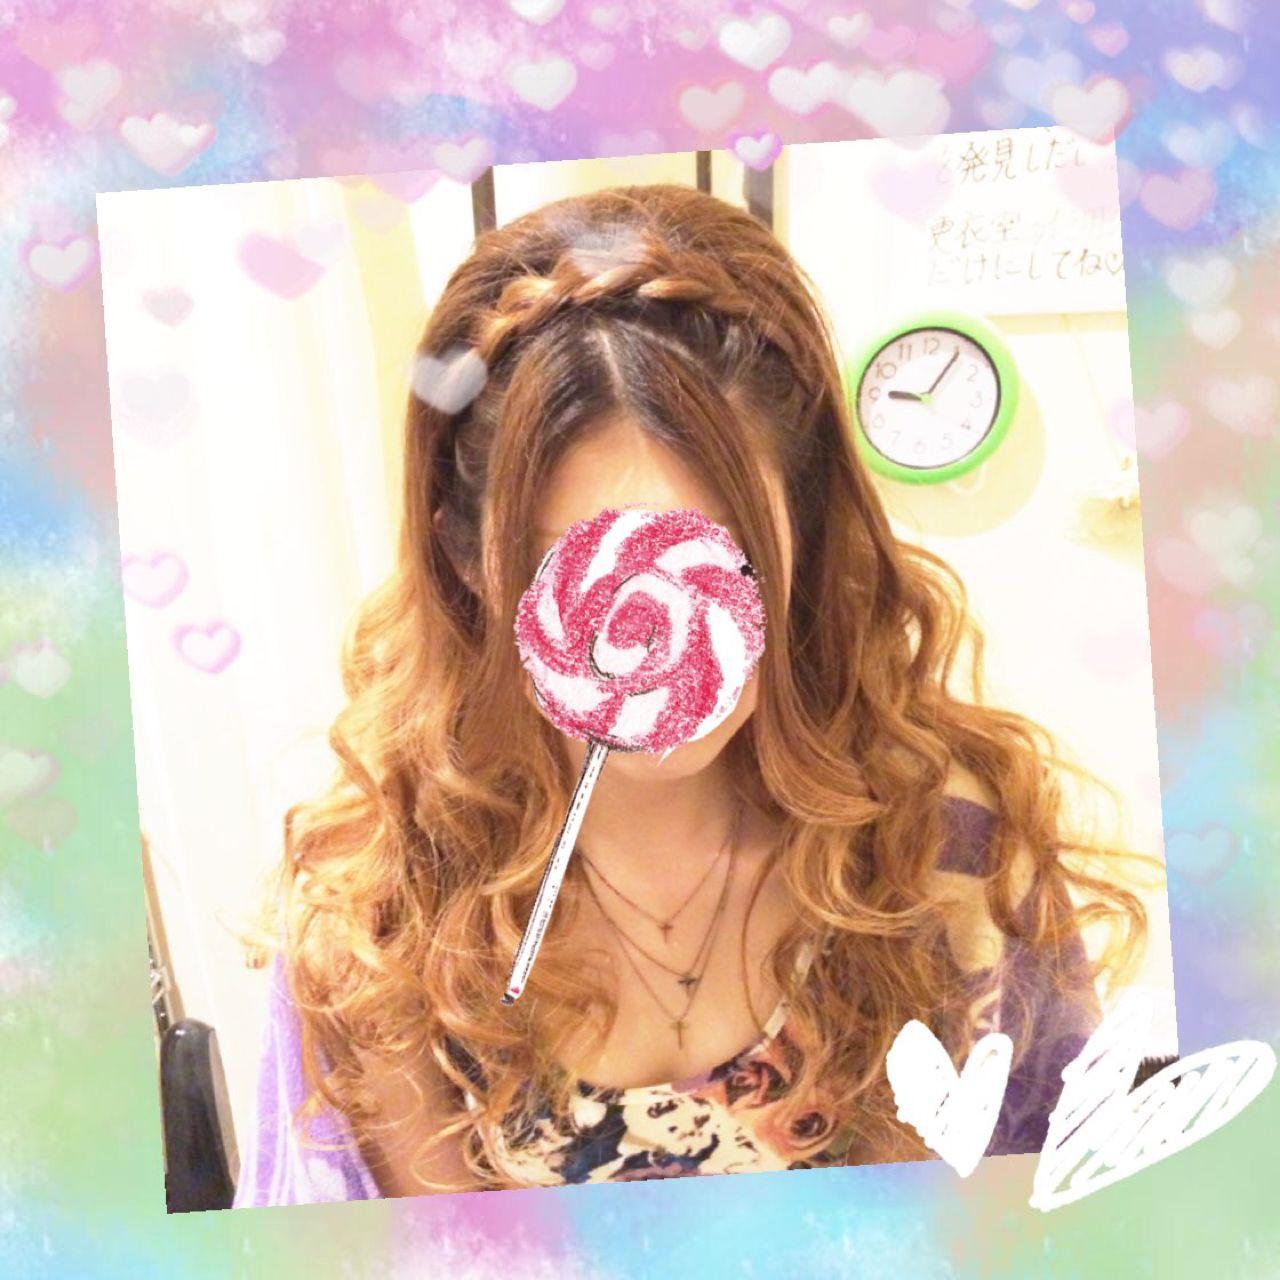 ヘアアレンジ 三つ編み ゆるふわ ハーフアップ ヘアスタイルや髪型の写真・画像